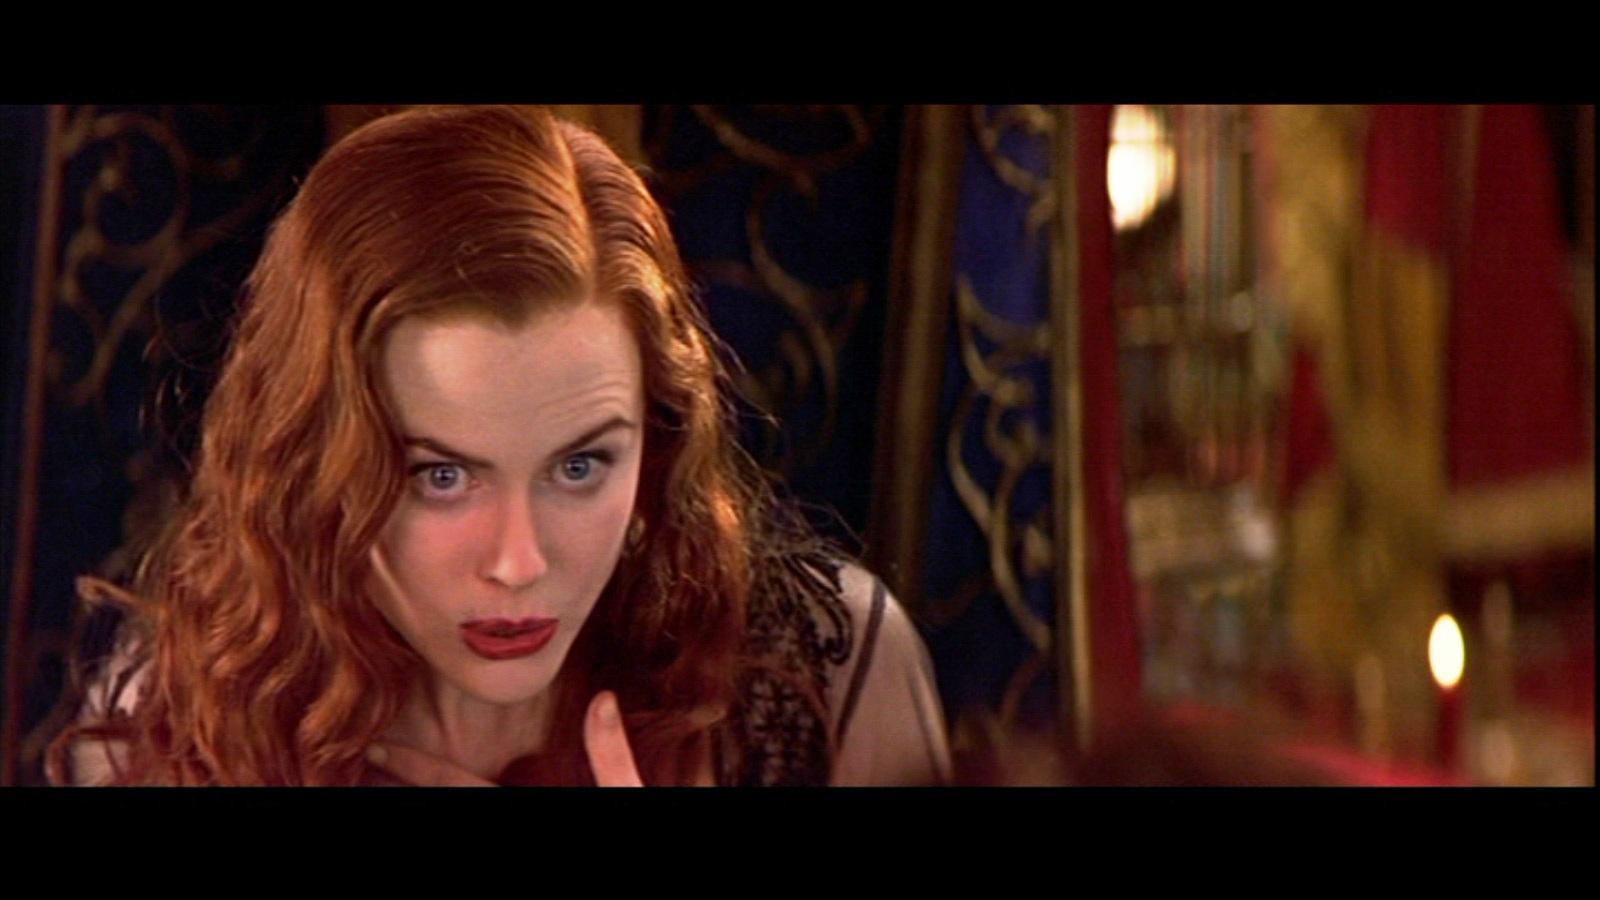 Moulin Rouge - Nicole Kidman Image (750624) - Fanpop